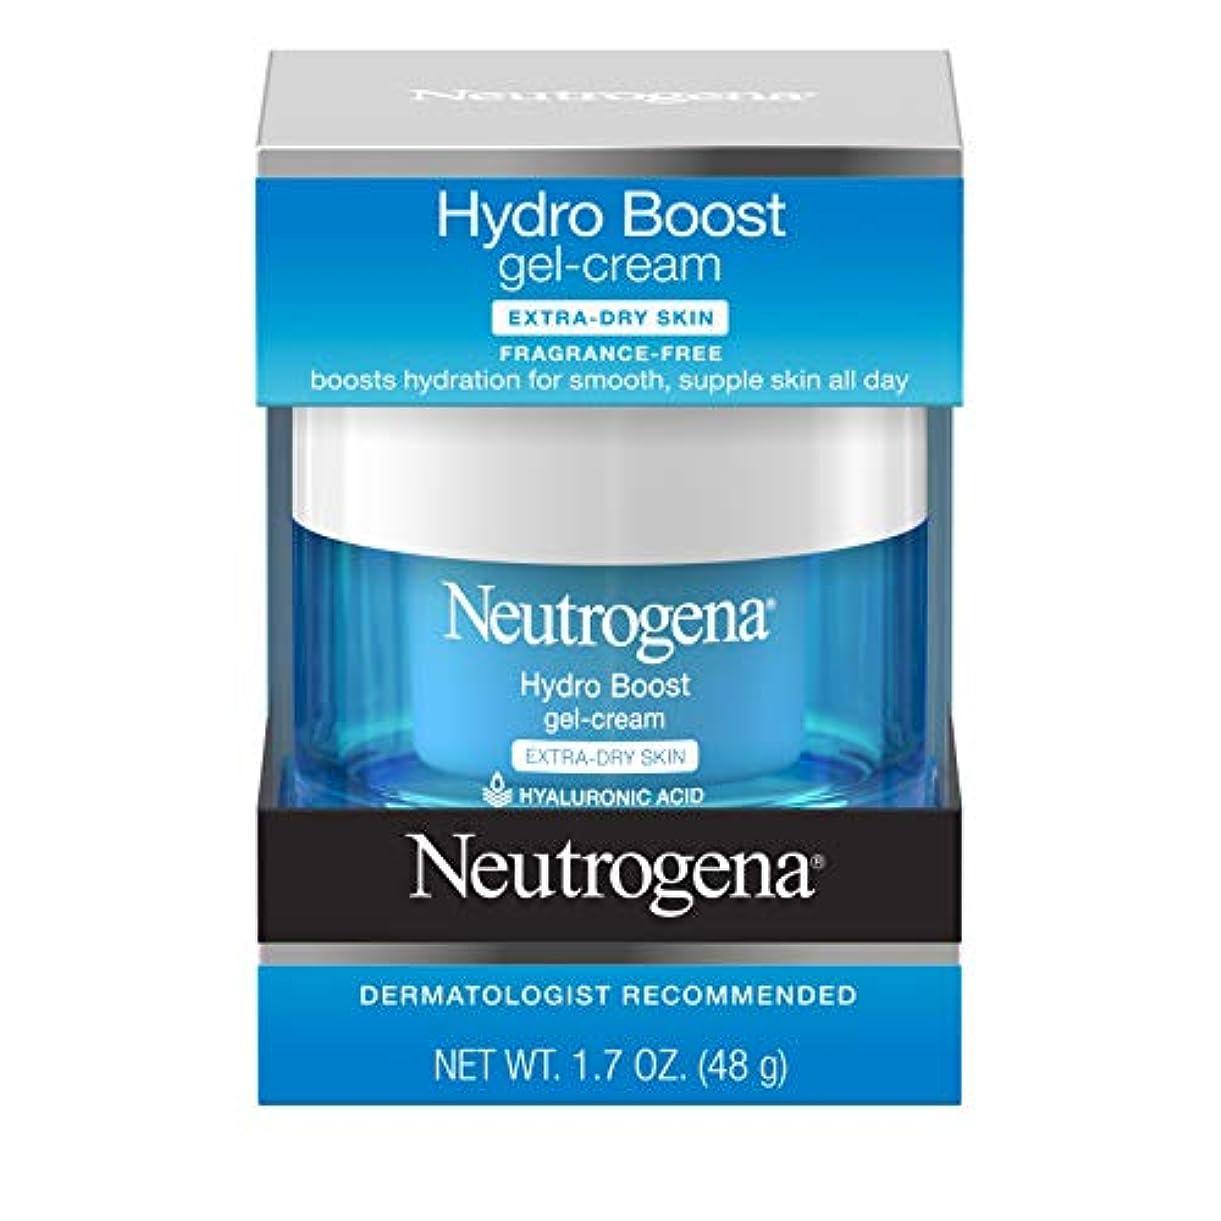 展開するコントローラ推測Neutrogena Hydro Boost Gel Cream, Extra Dry Skin, 1.7 Ounce  海外直送品?並行輸入品